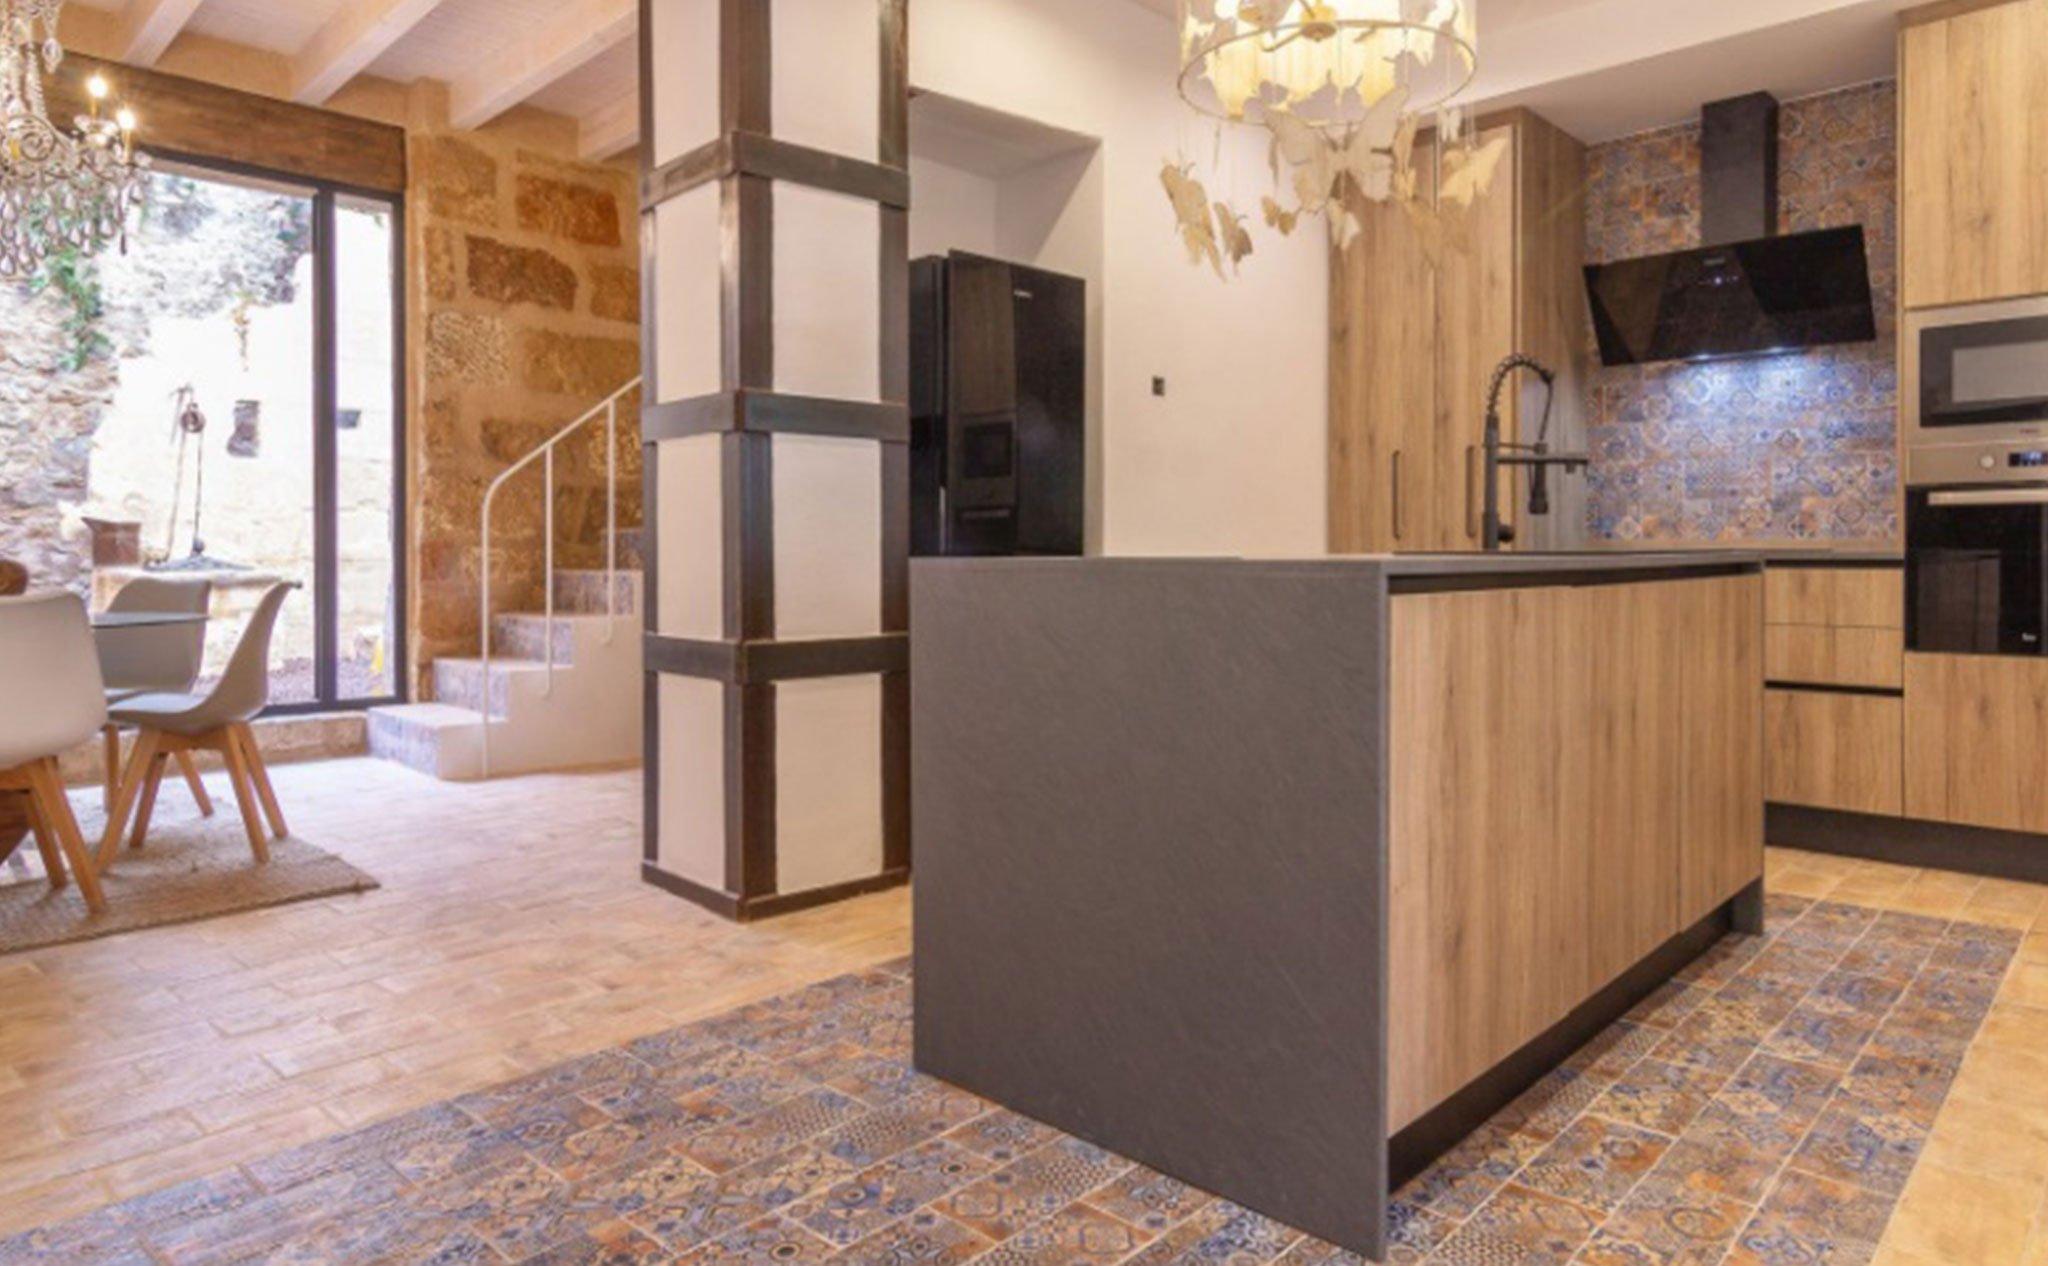 Cocina de una casa de pueblo en venta en el centro de Xàbia – MORAGUESPONS Mediterranean Houses